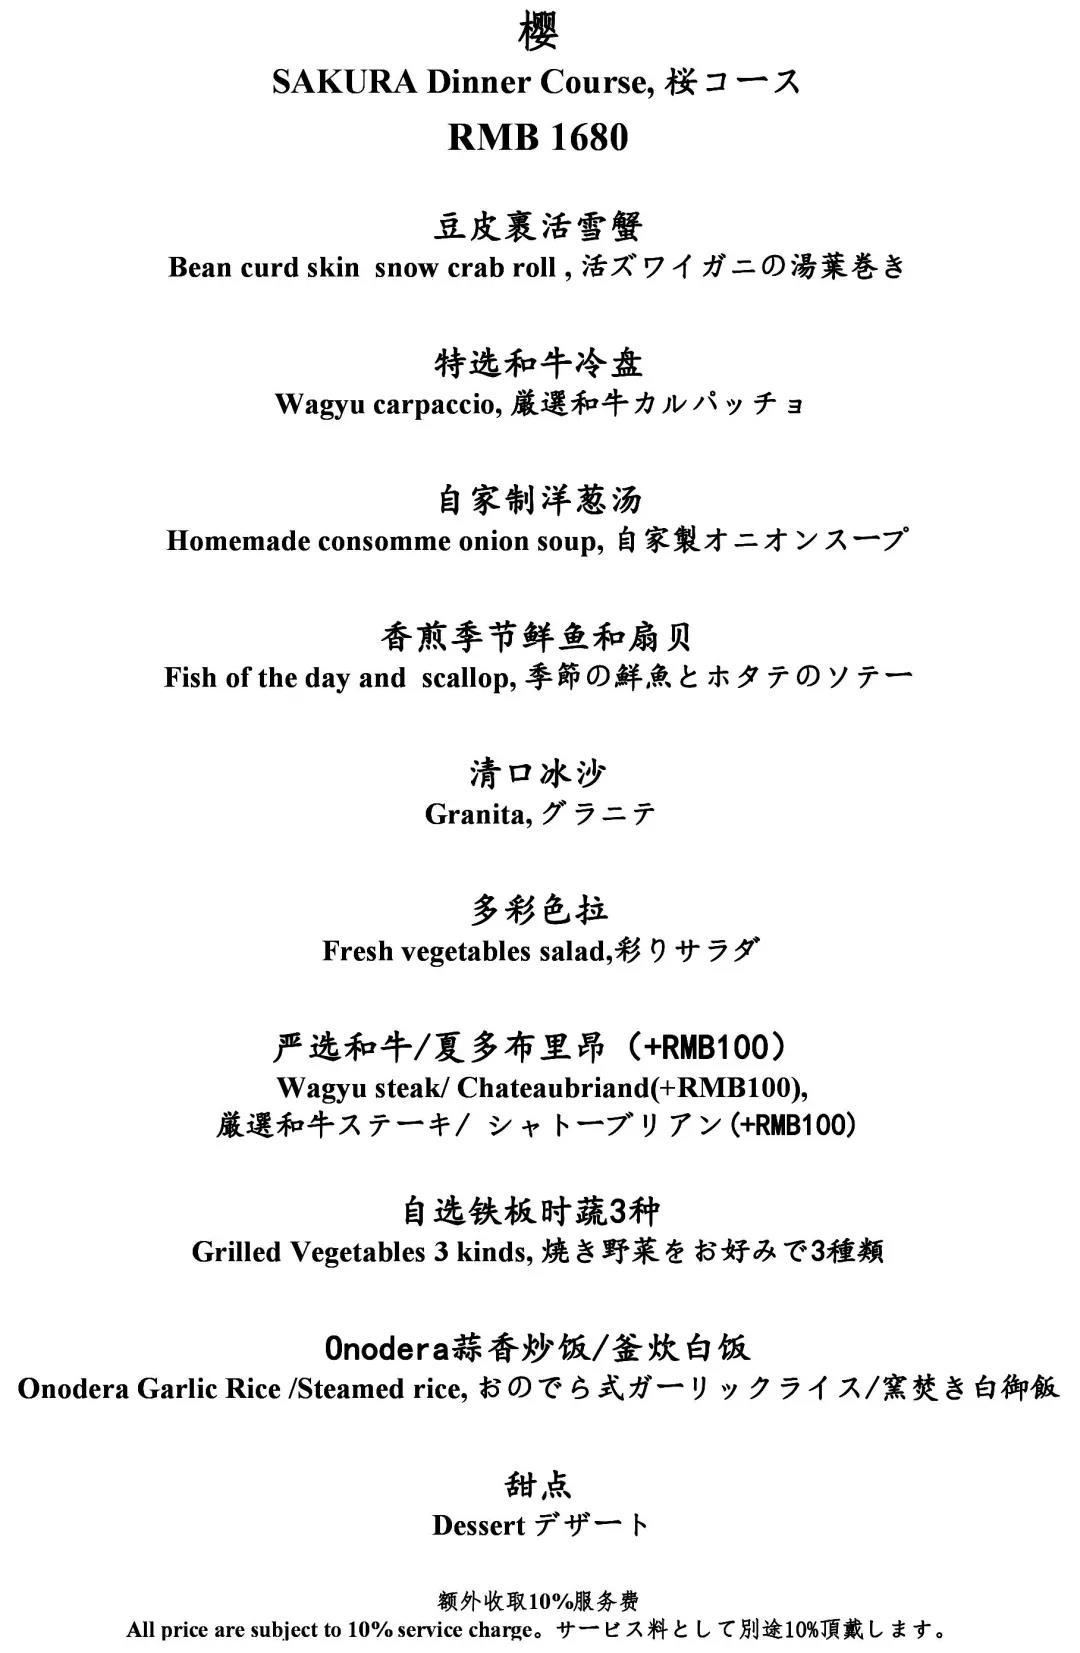 鉄板焼 [上海店] ディナーメニュー7